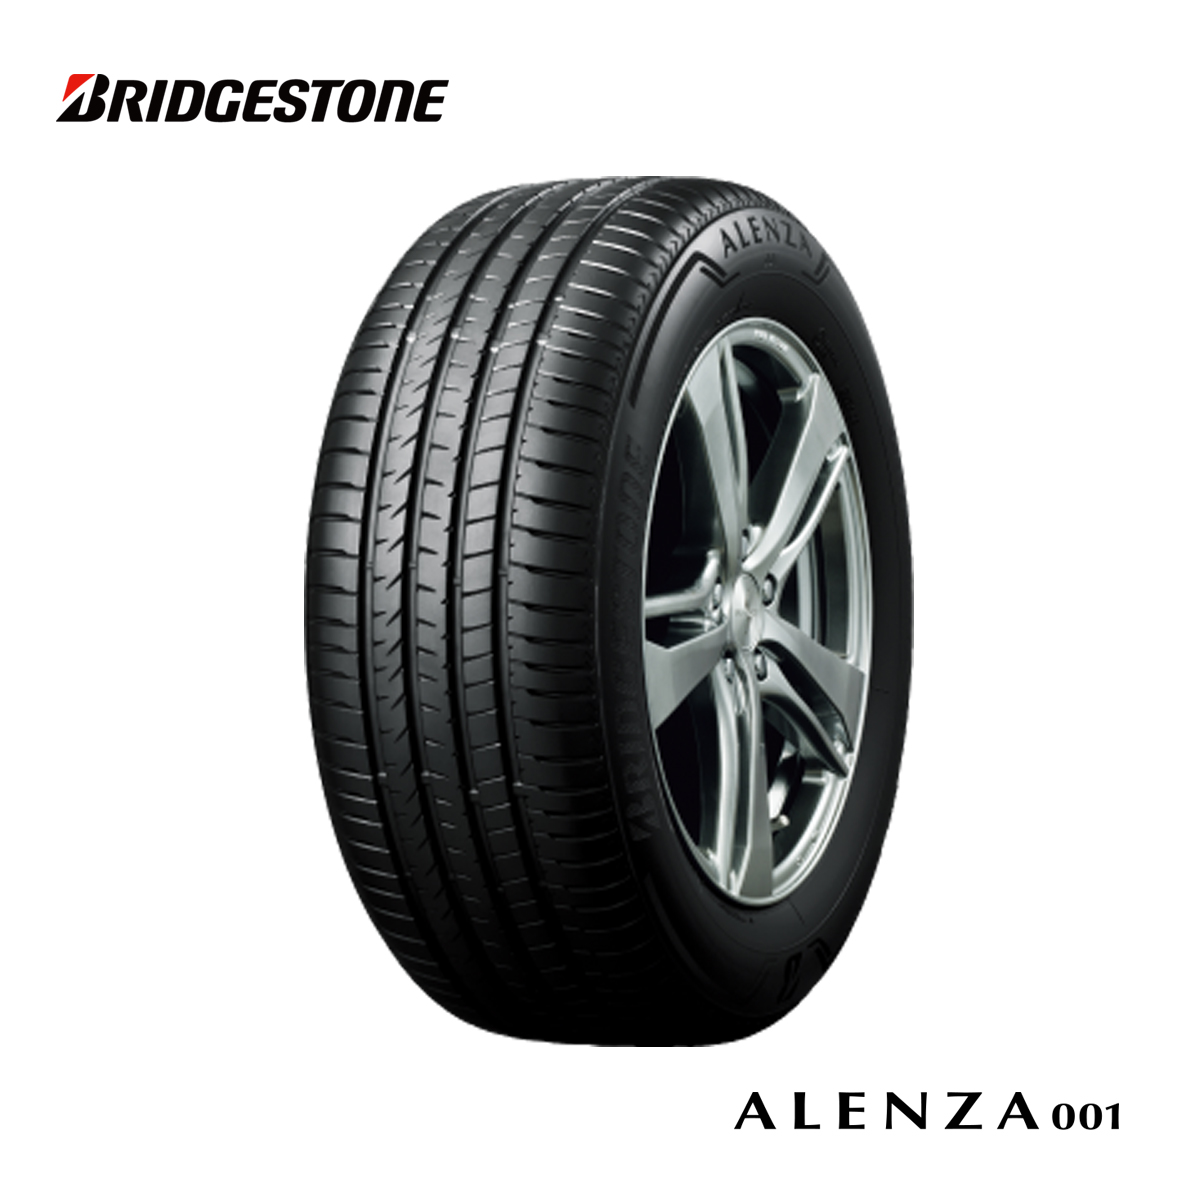 ブリヂストン BS 18インチ タイヤ 265/60R18 265 60 18 アレンザ サマー タイヤ 2本 SUV 夏 サマー タイヤ BRIDGESTONE ALENZA 001